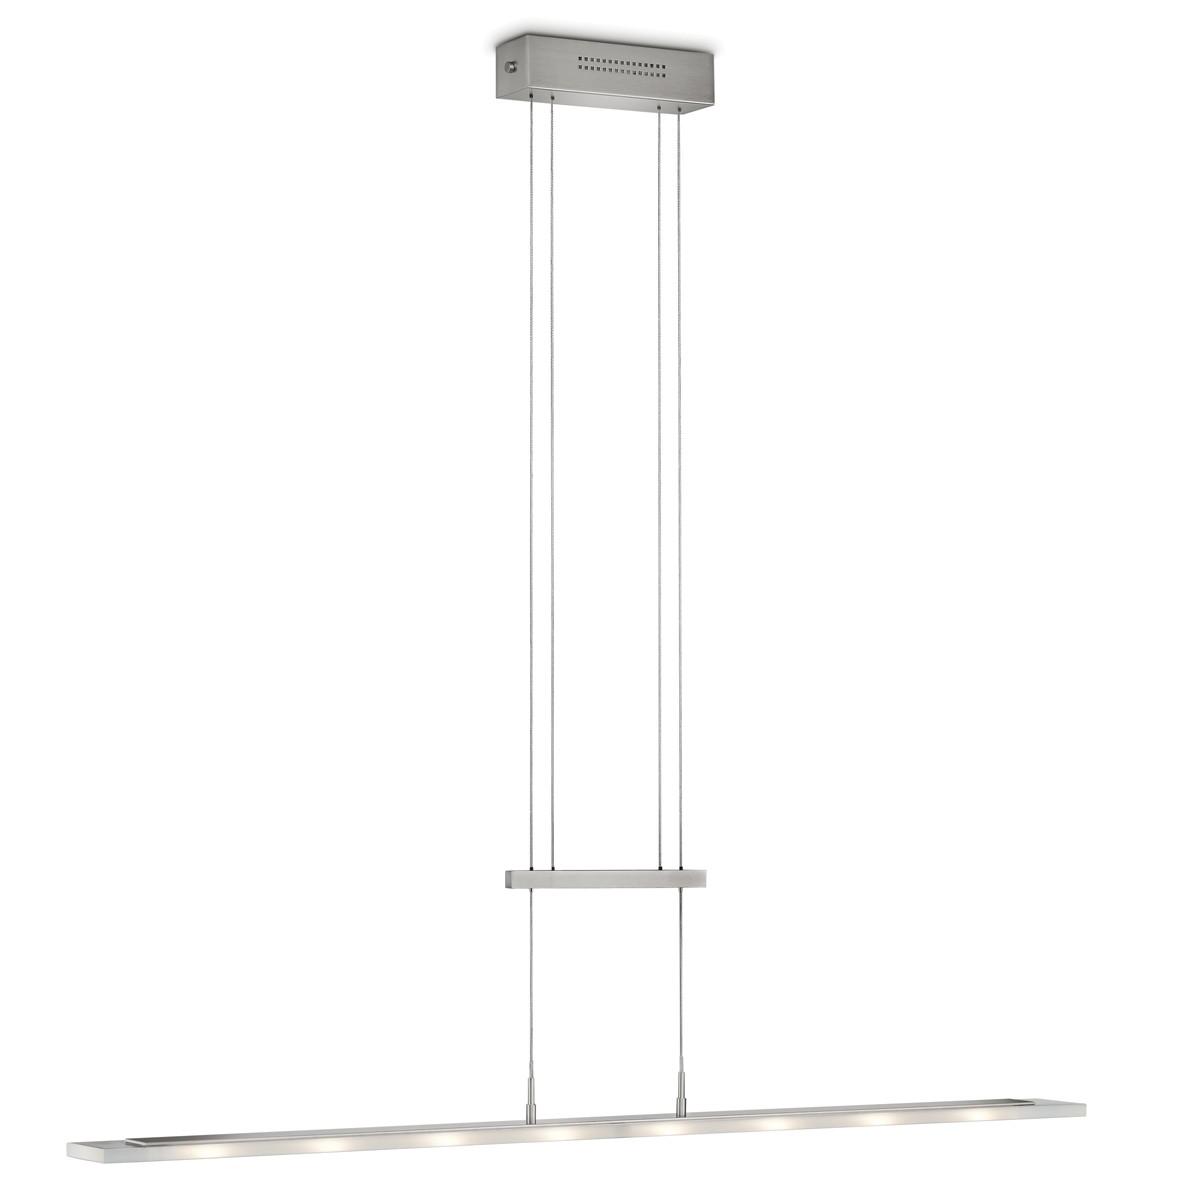 Knapstein 51.45x Pendelleuchte, Länge: 130 cm, Nickel matt